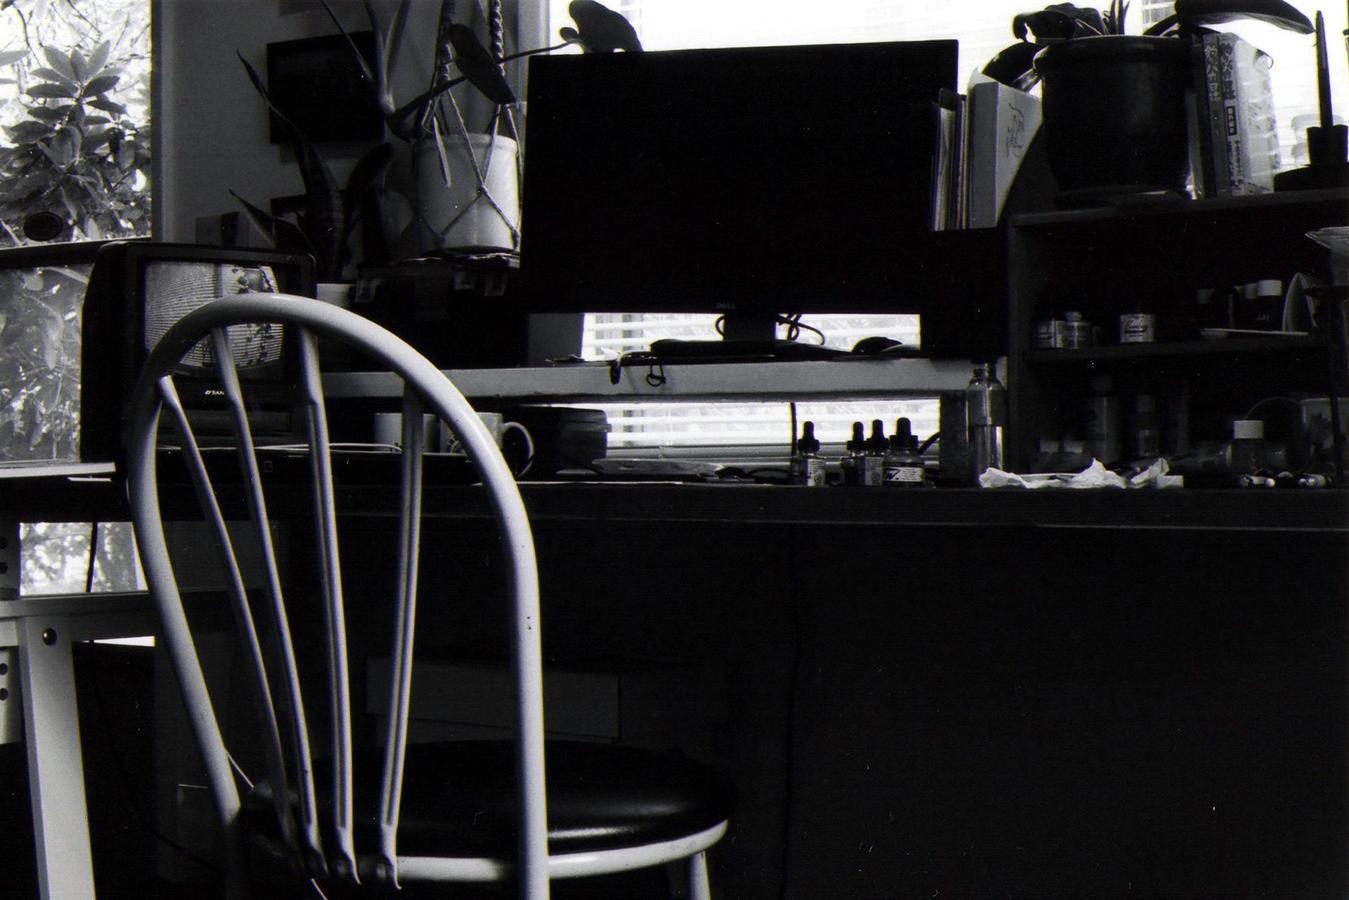 desk1-hancockstudio_07.2019_mattschu_smaller.jpg